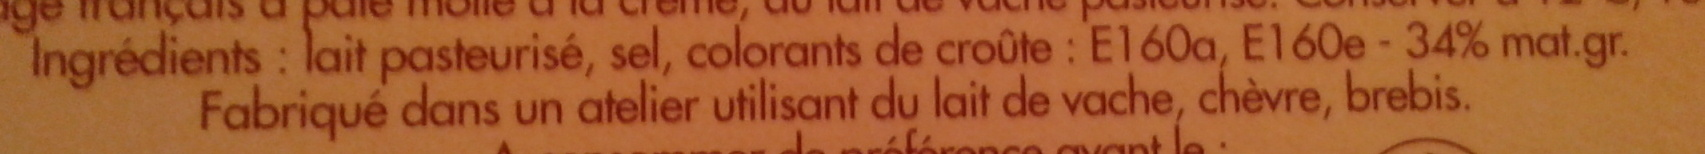 Saint Albray - Ingrédients - fr